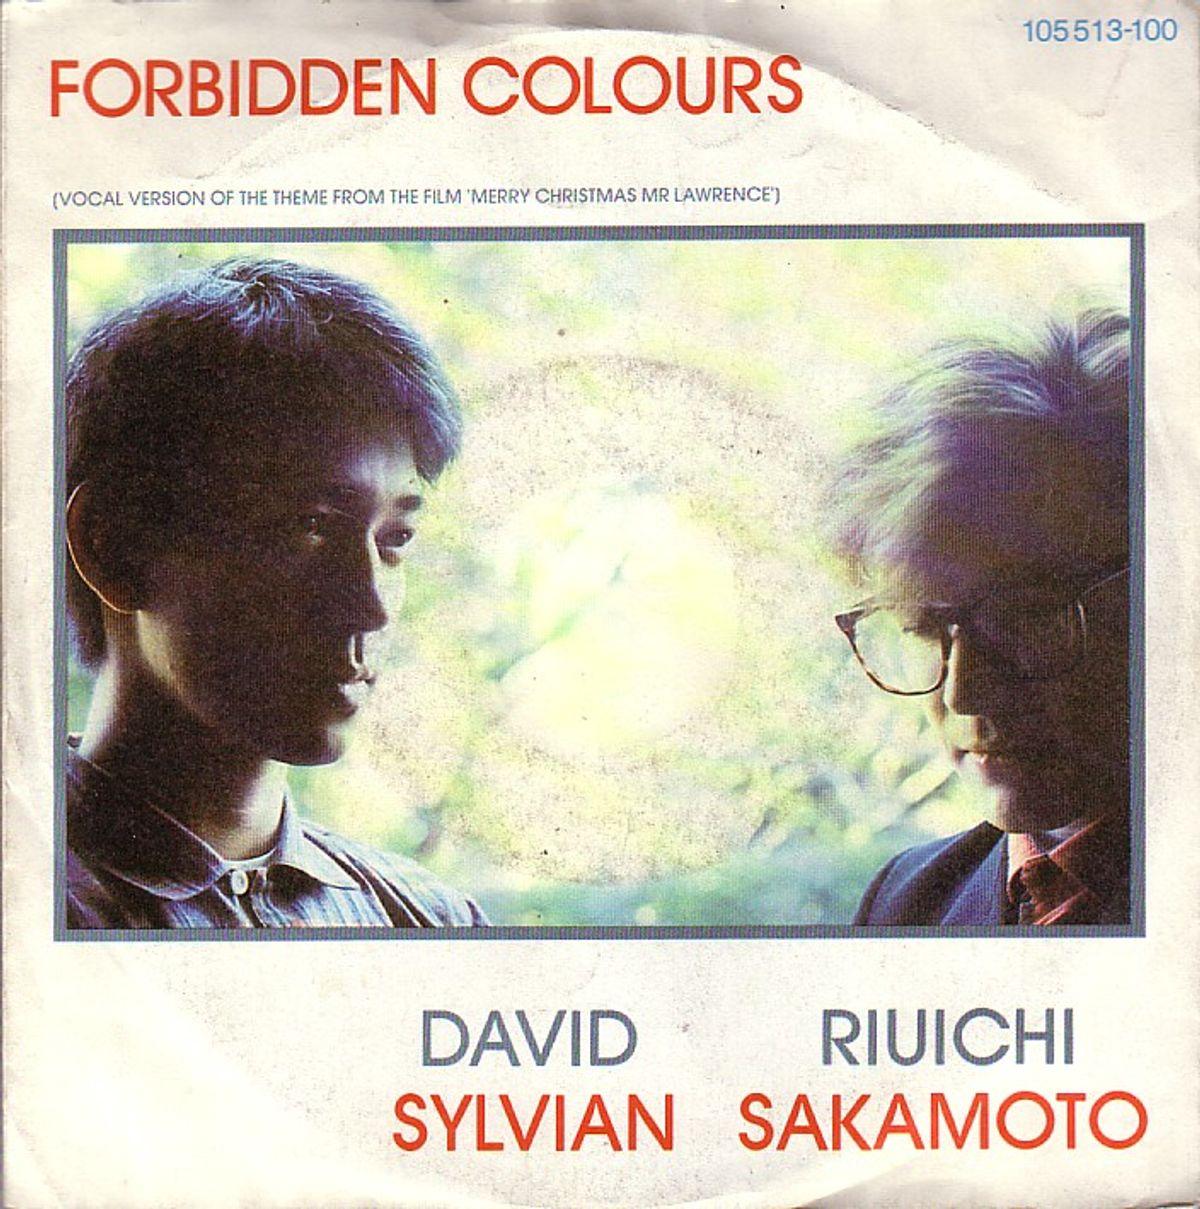 #DavidSylvian - Sylvian & Sakamoto - Forbidden Colours (1983)